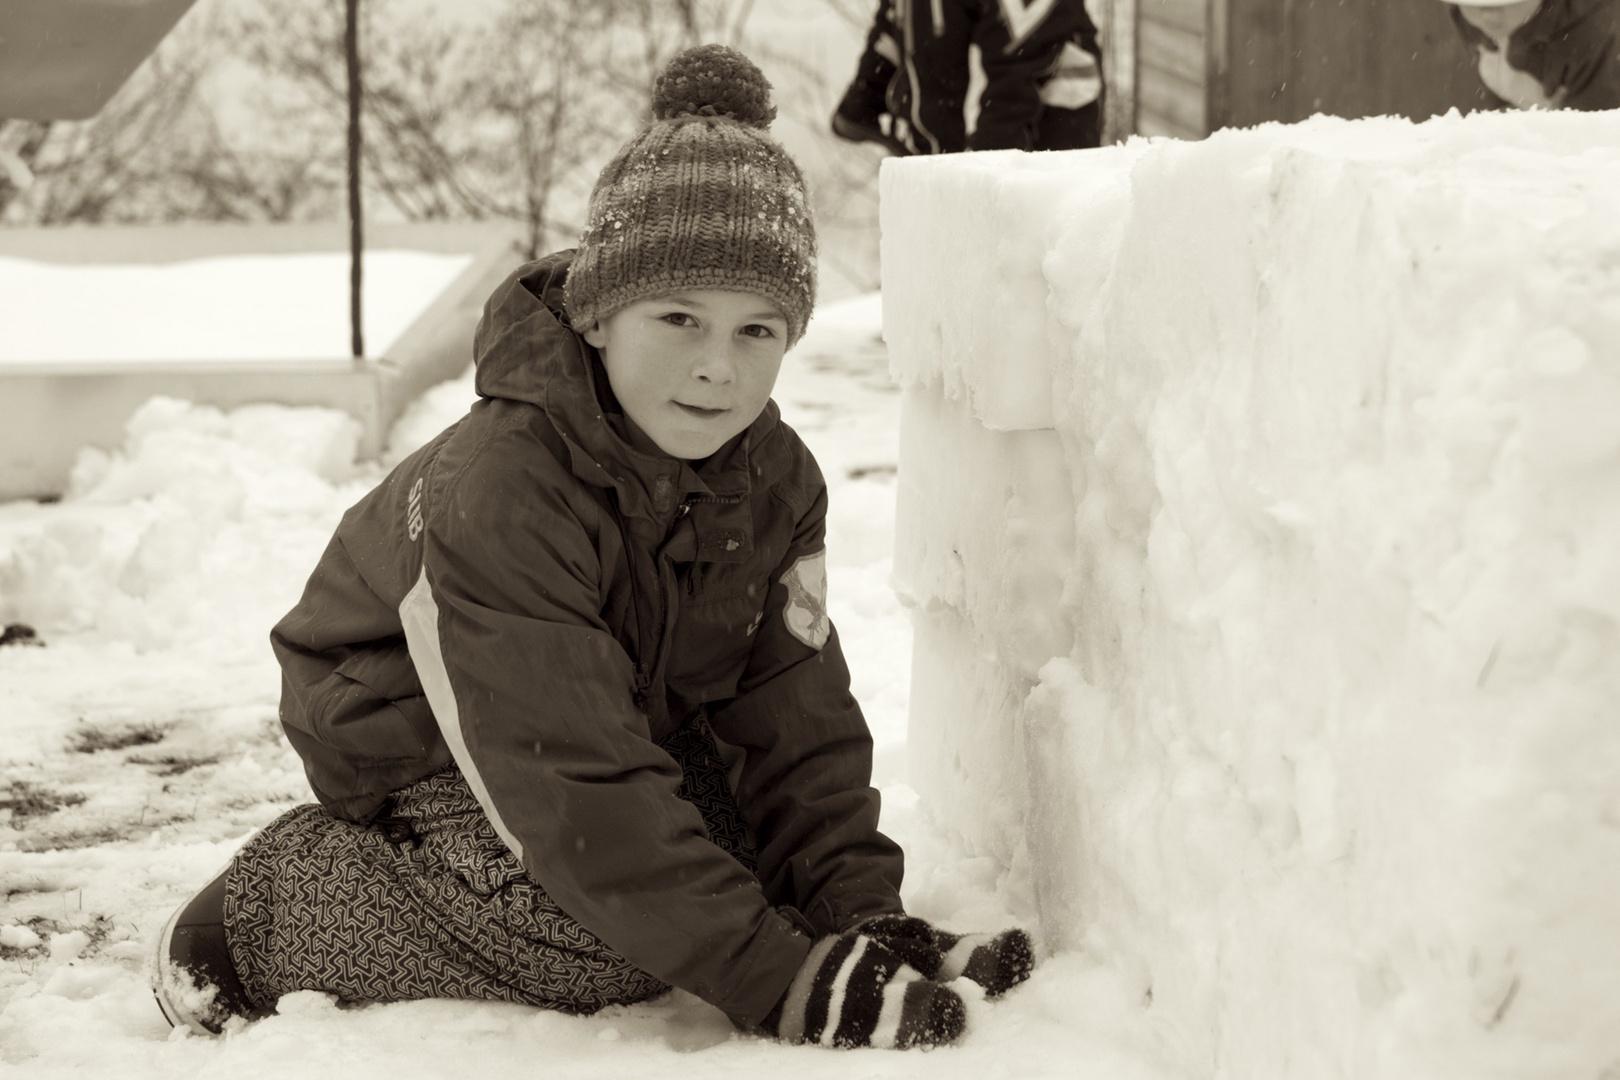 Schneehausbau